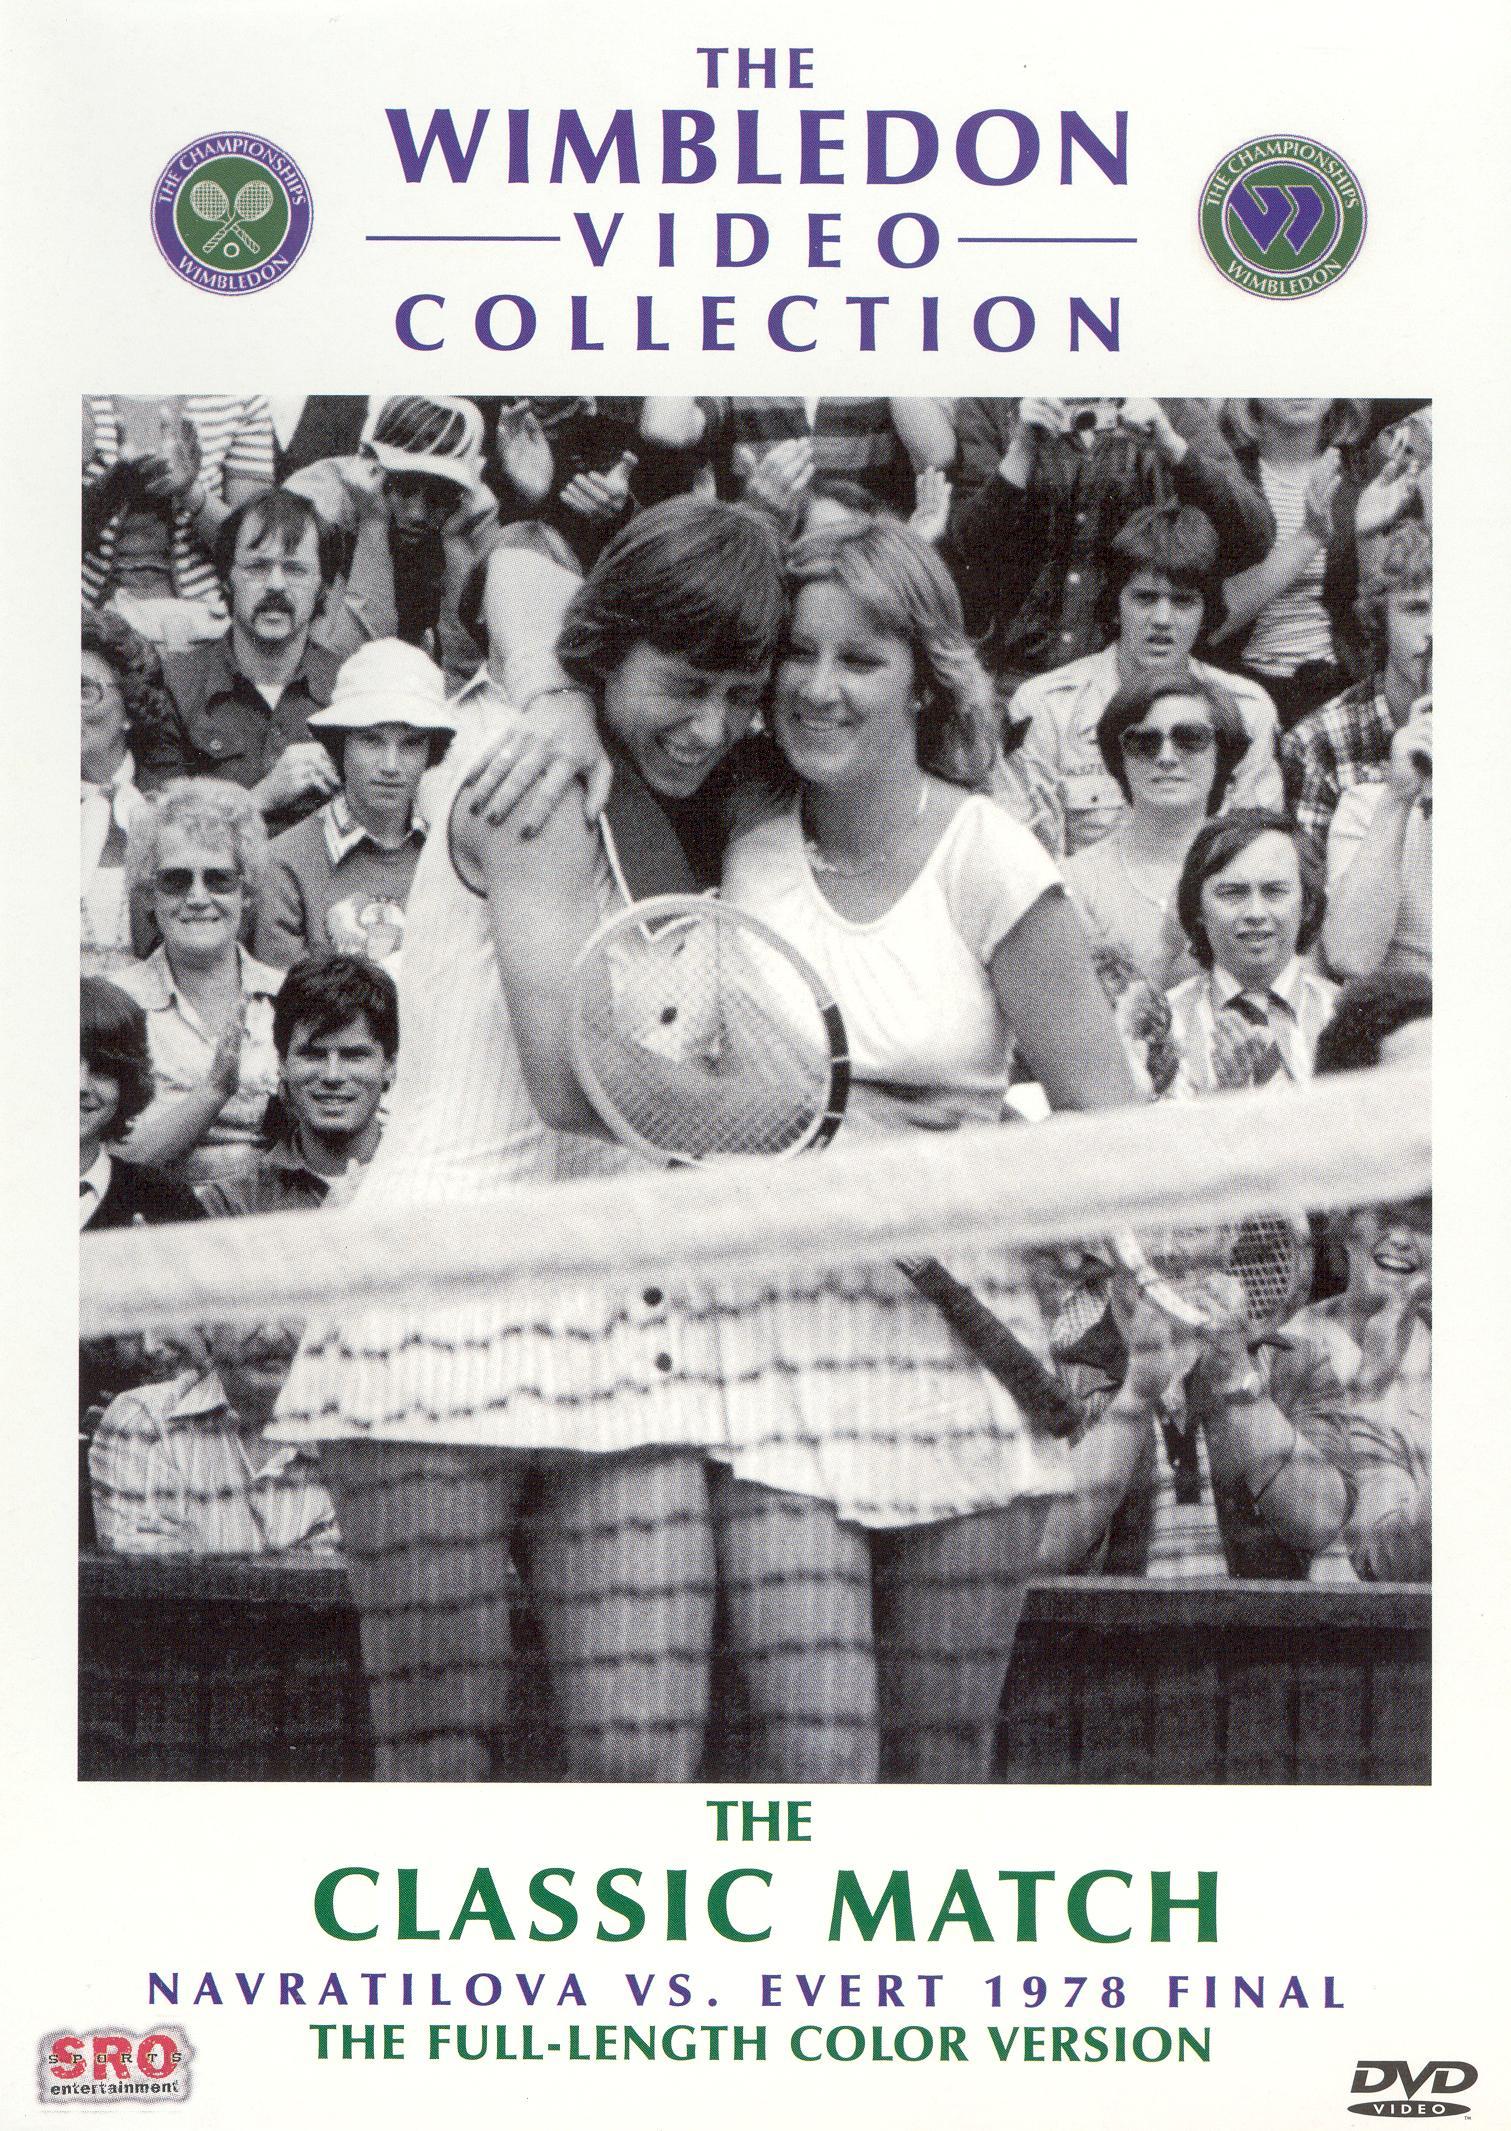 The Wimbledon Video Collection: The Classic Match - Navratilova vs. Evert 1978 Final